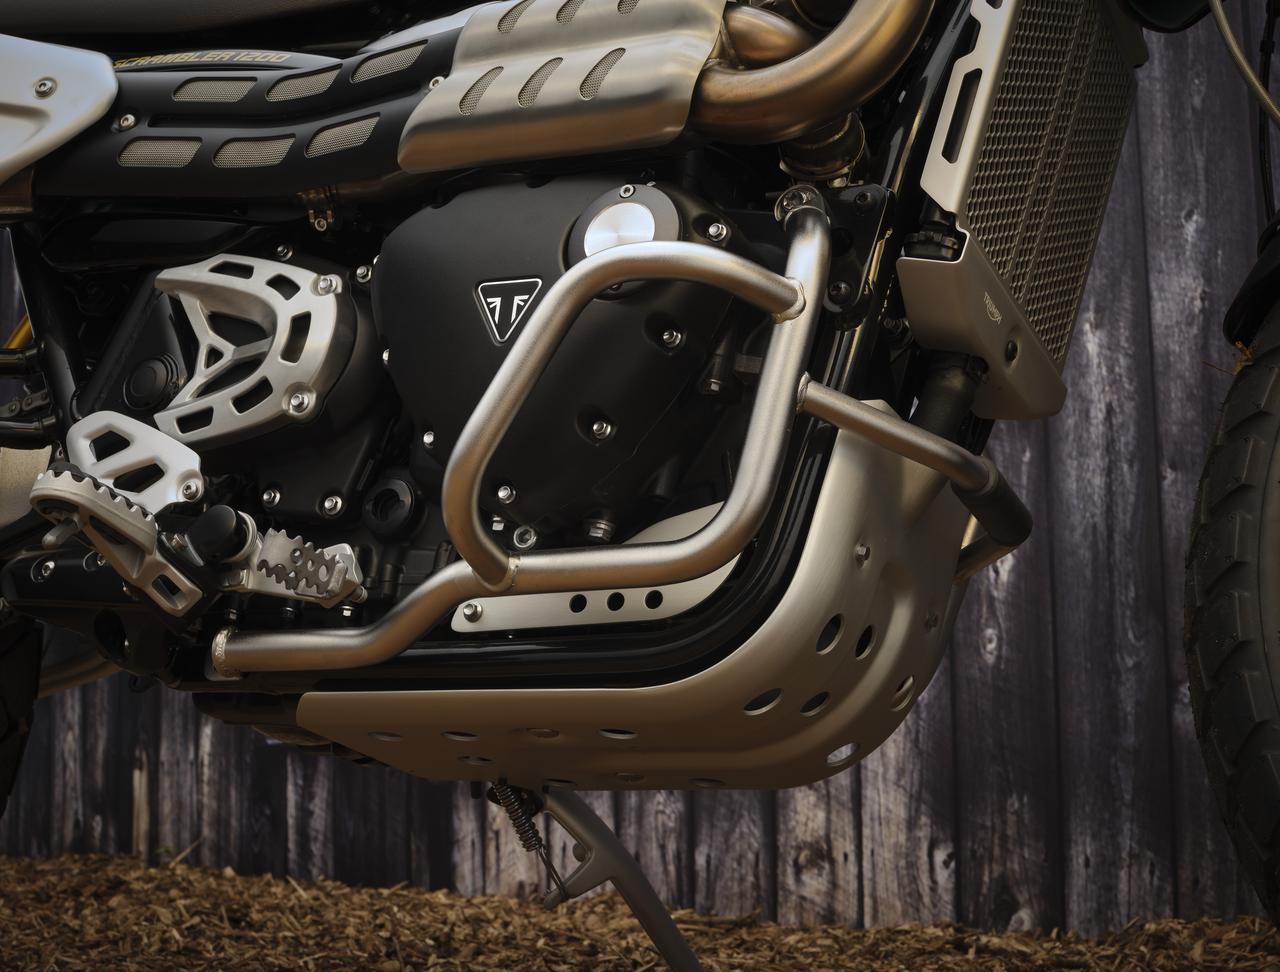 画像5: トライアンフ「スクランブラー1200 スティーブ・マックイーン エディション」の特徴